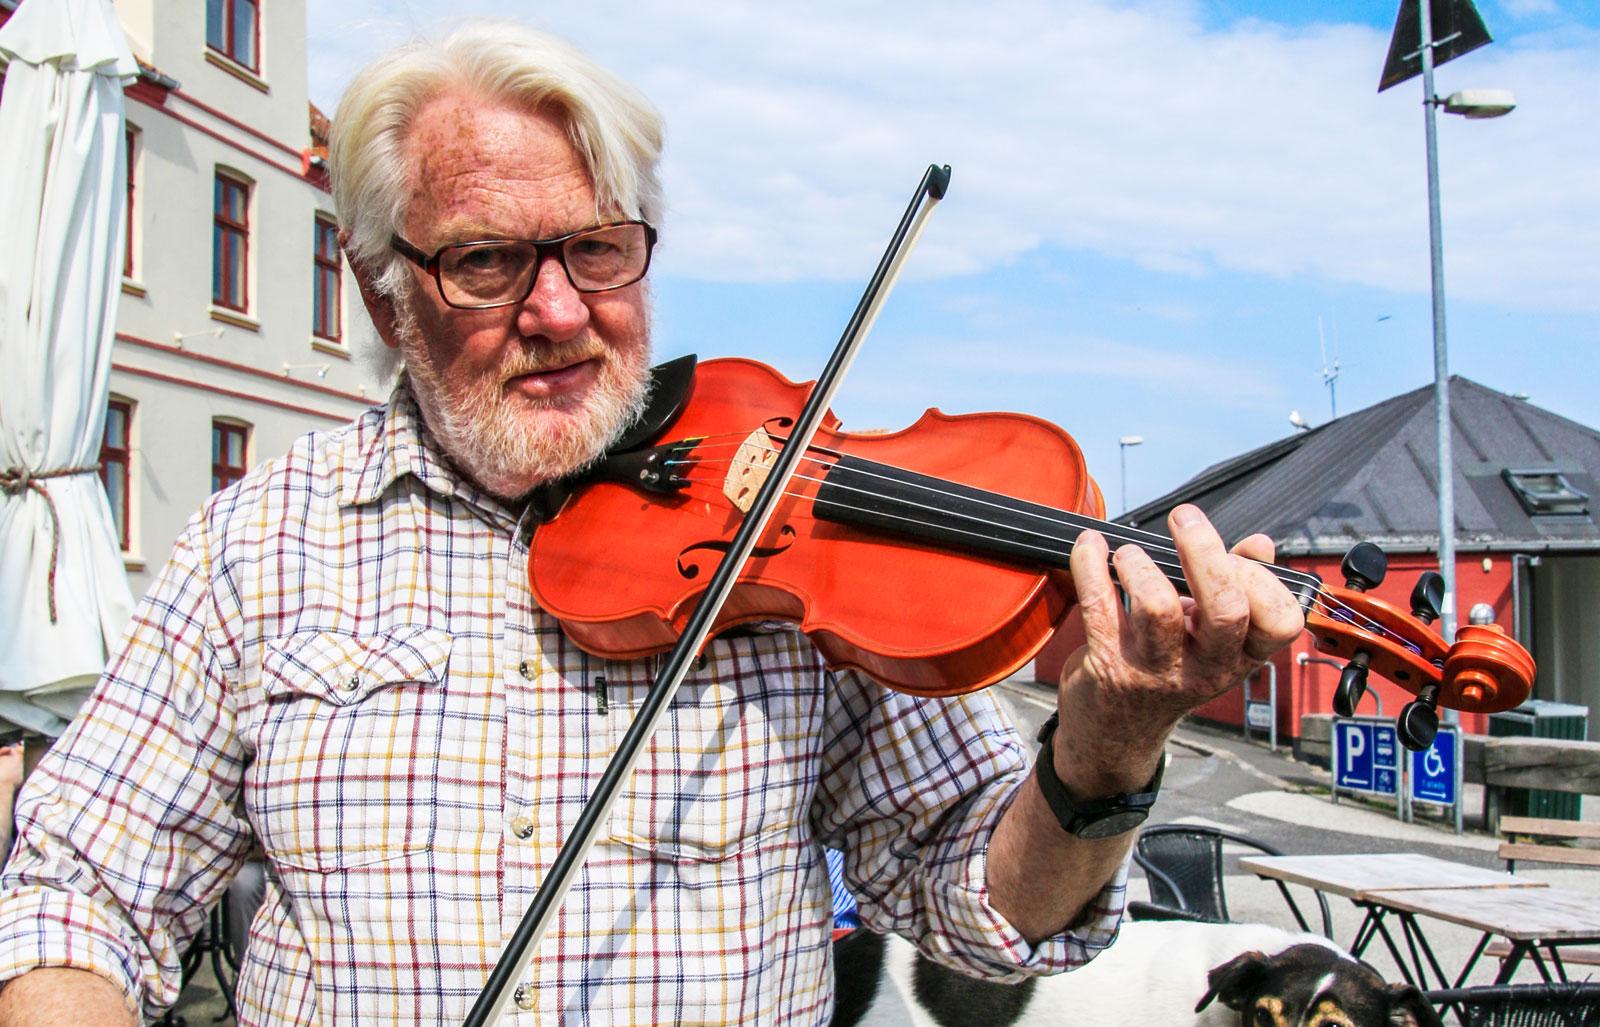 Jens Riis svarar för musiken vid morgonkonserterna i Gudhjem. Och hunden Pjok är alltid med.